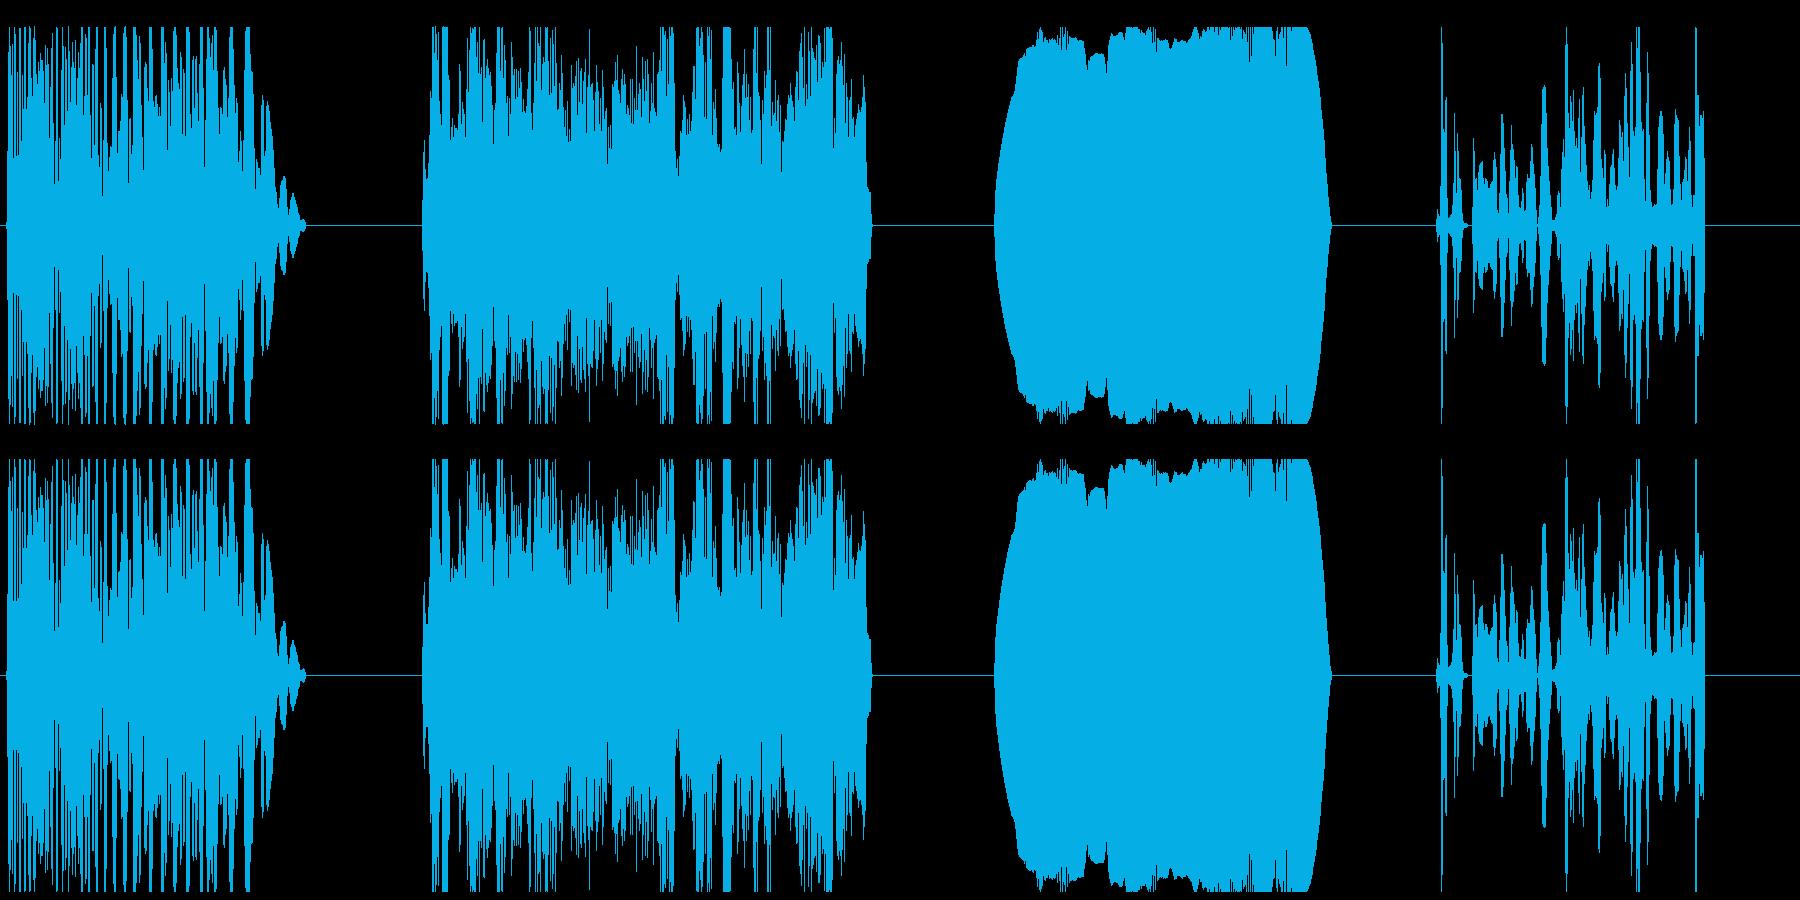 【未来の対話型コンピュータがダウン!】の再生済みの波形